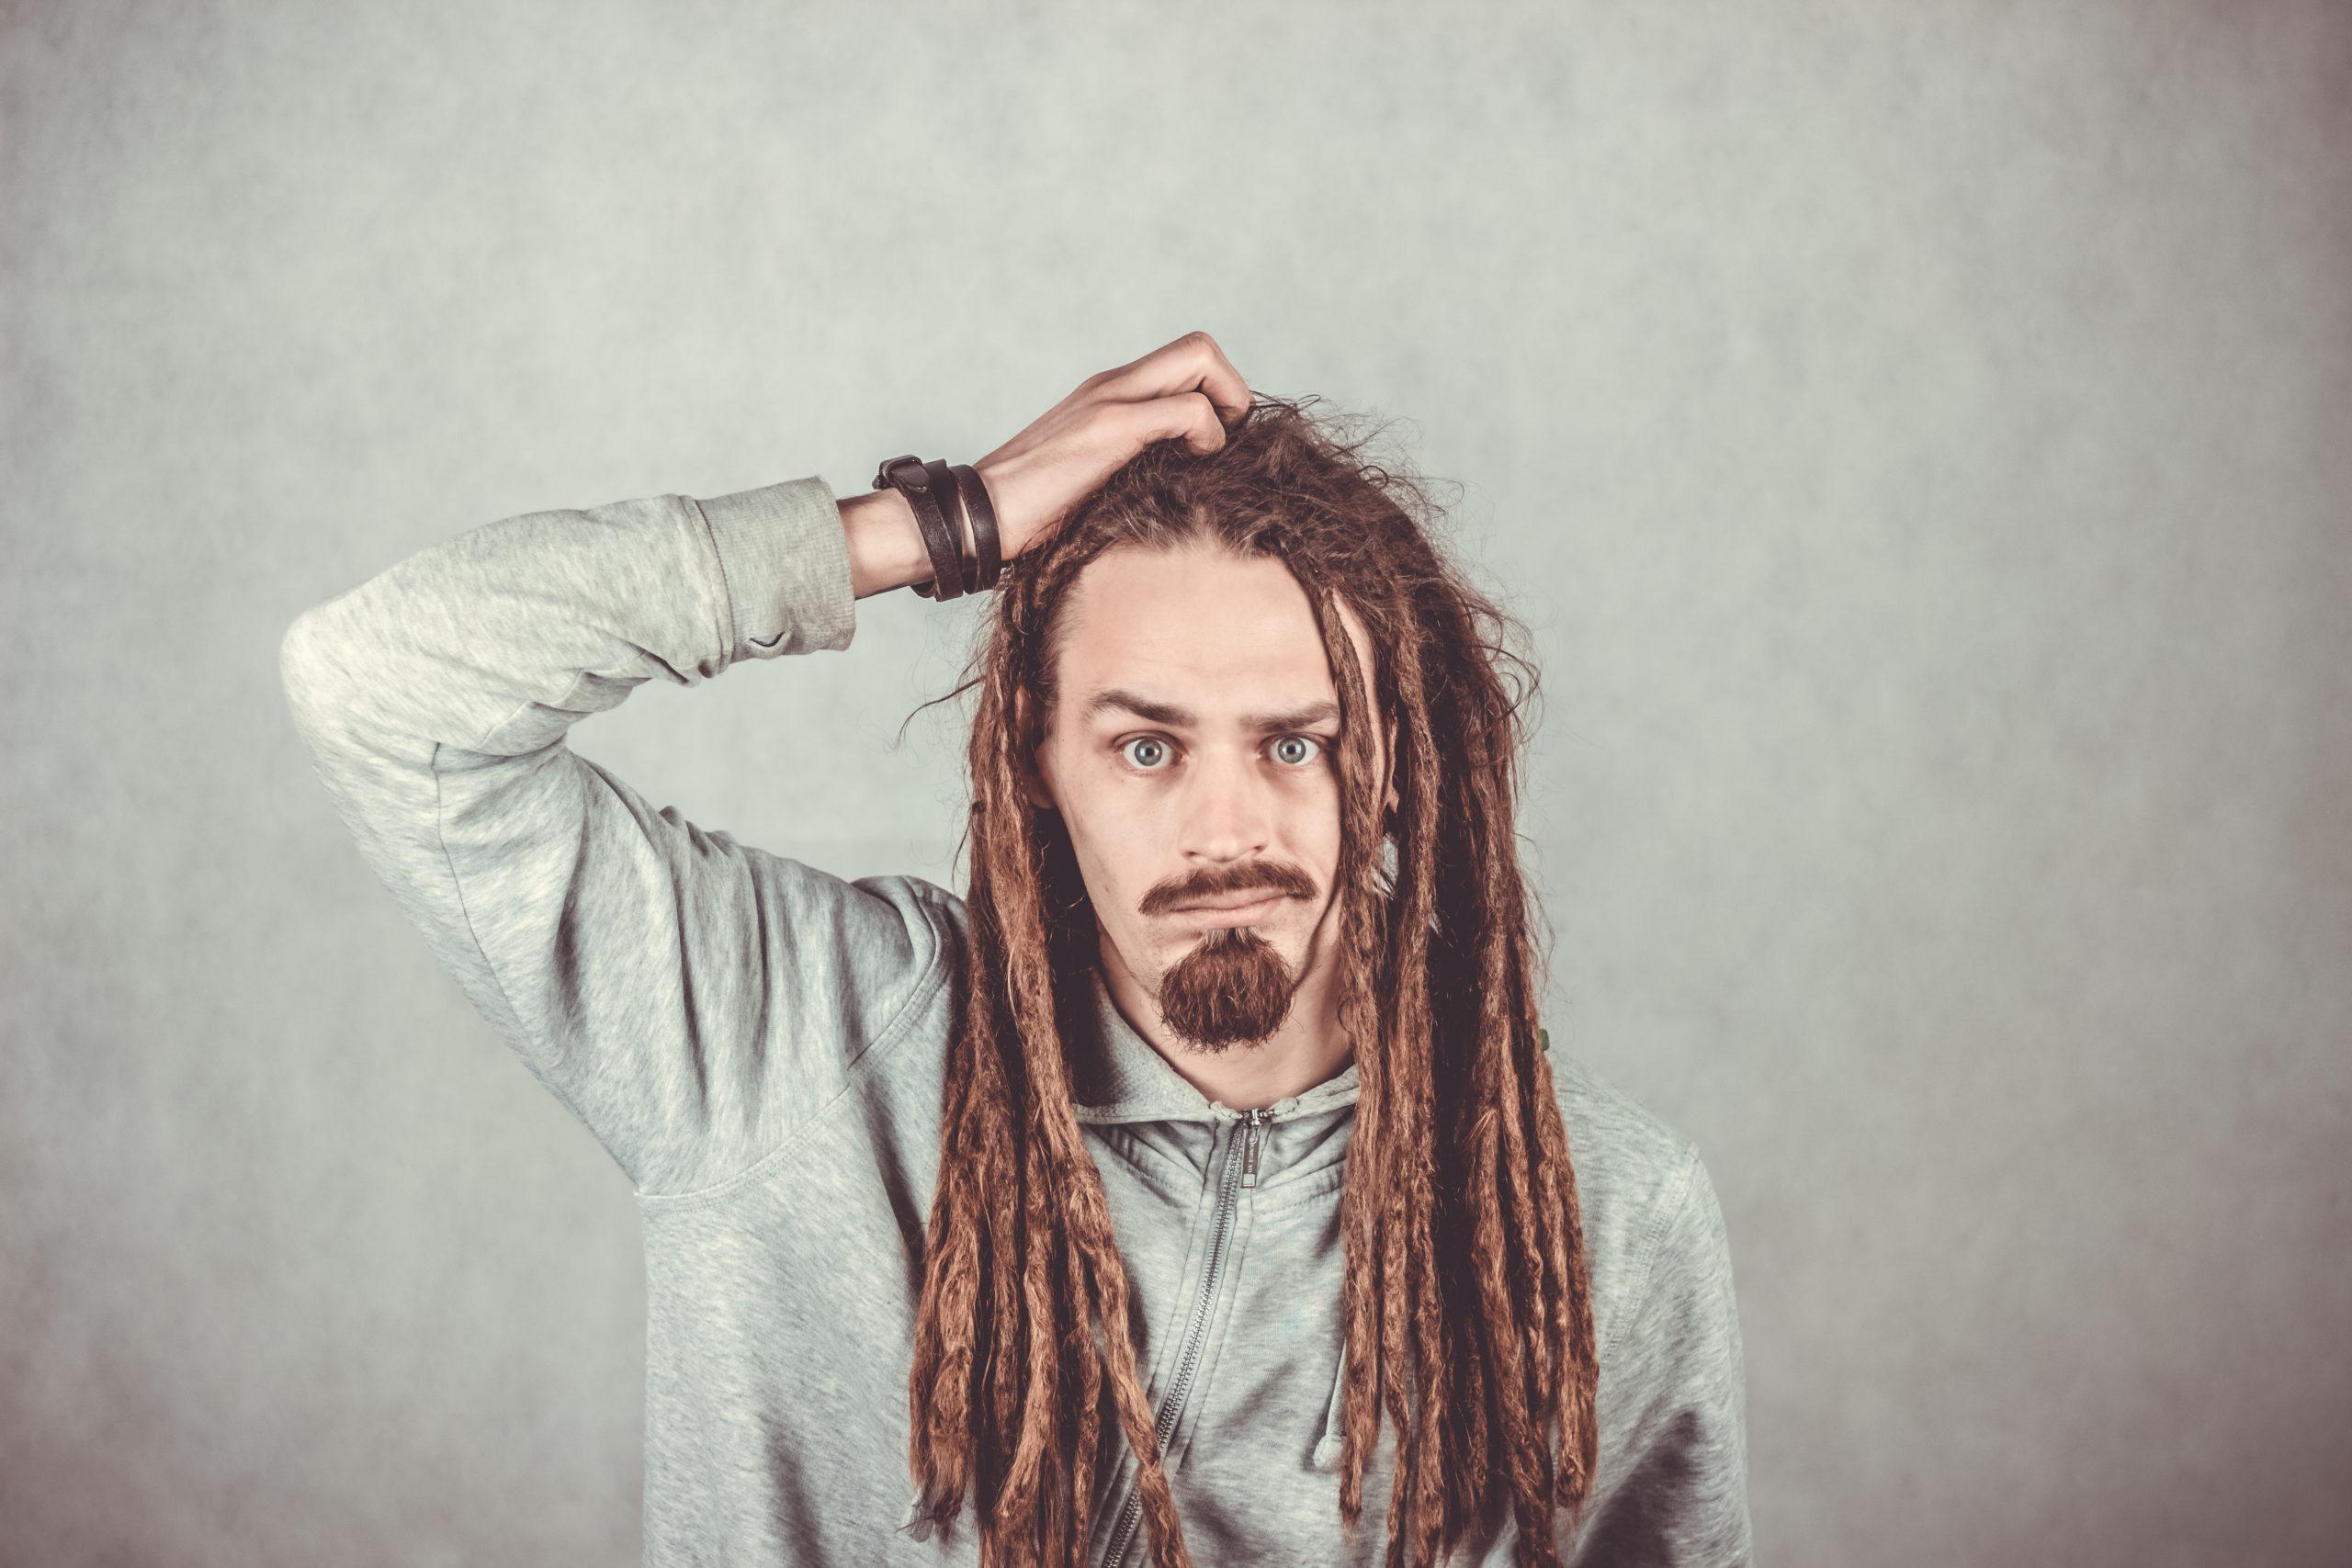 les coiffures trop lourdes comme les dreadlocks peuvent causer une alopécie de traction